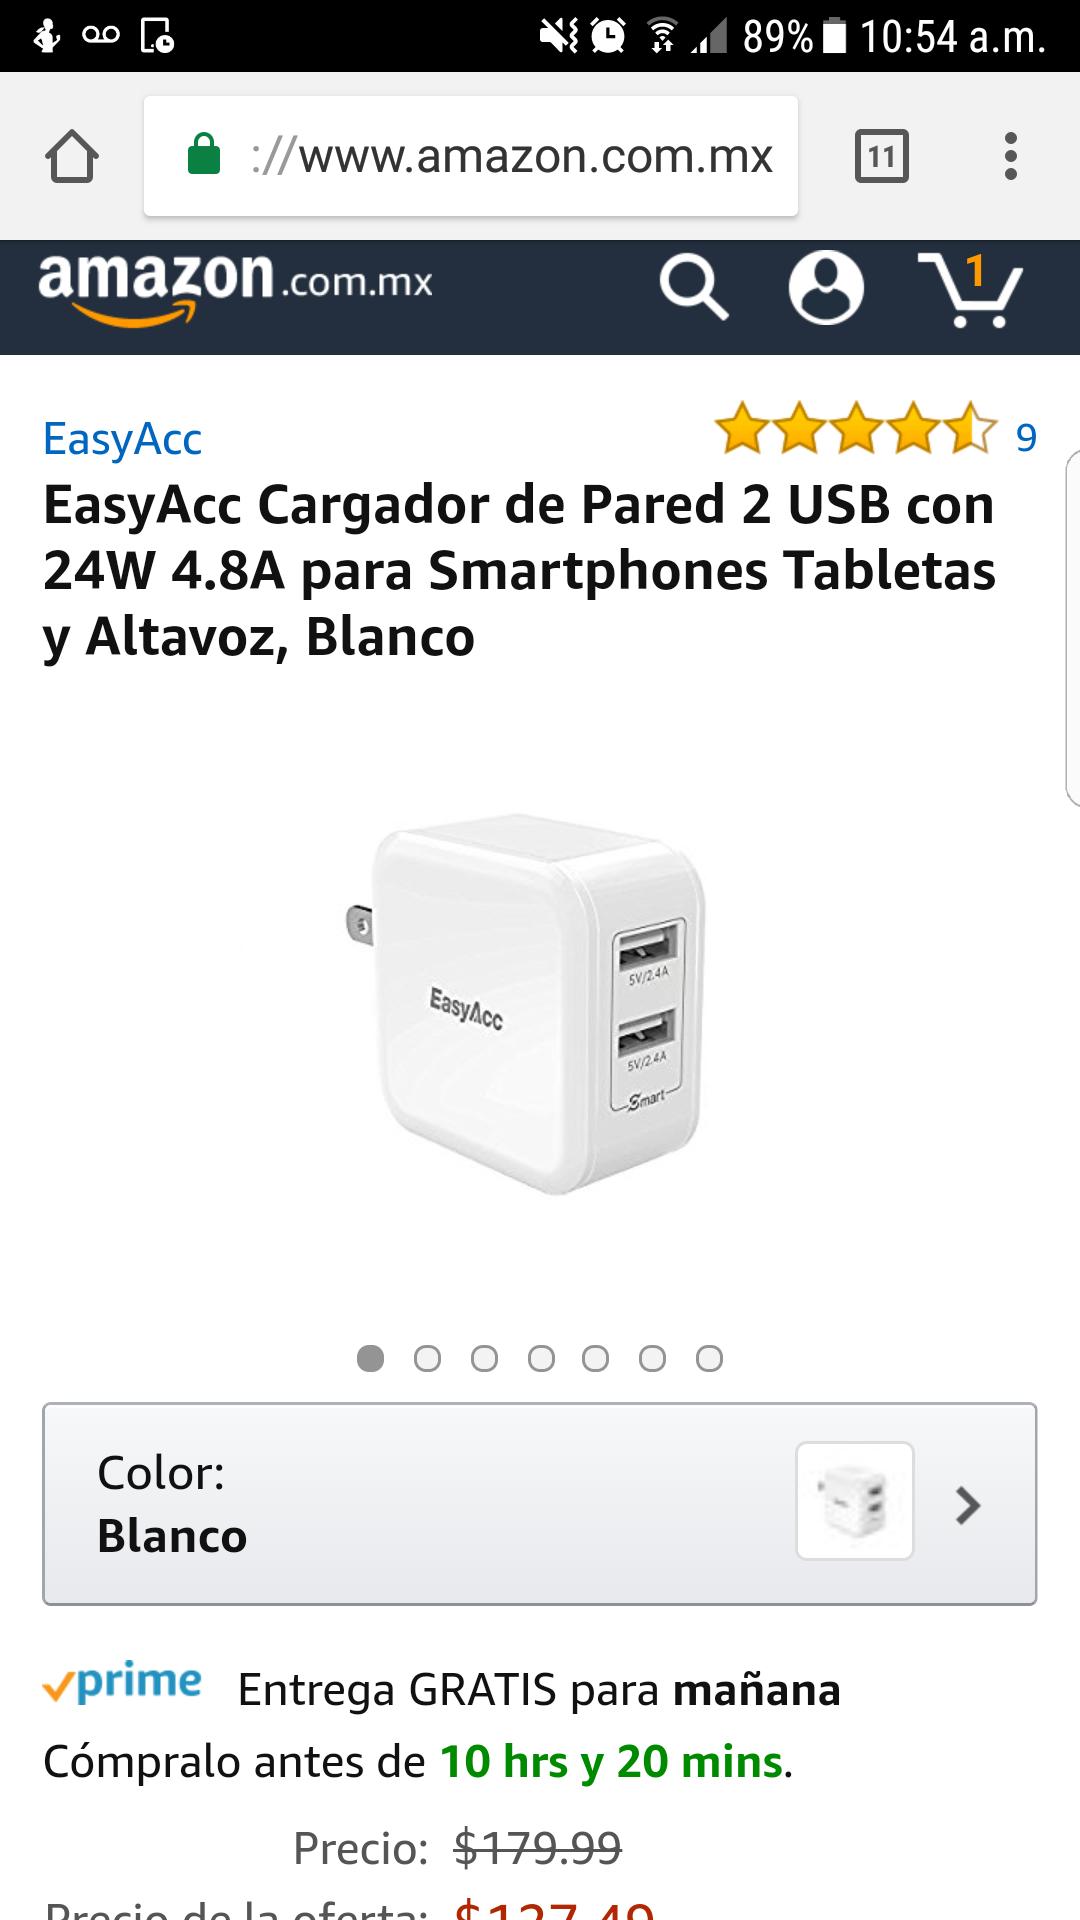 Amazon: EasyAcc Cargador de Pared 2 USB con 24W 4.8A para Smartphones Tabletas y Altavoz, Blanco